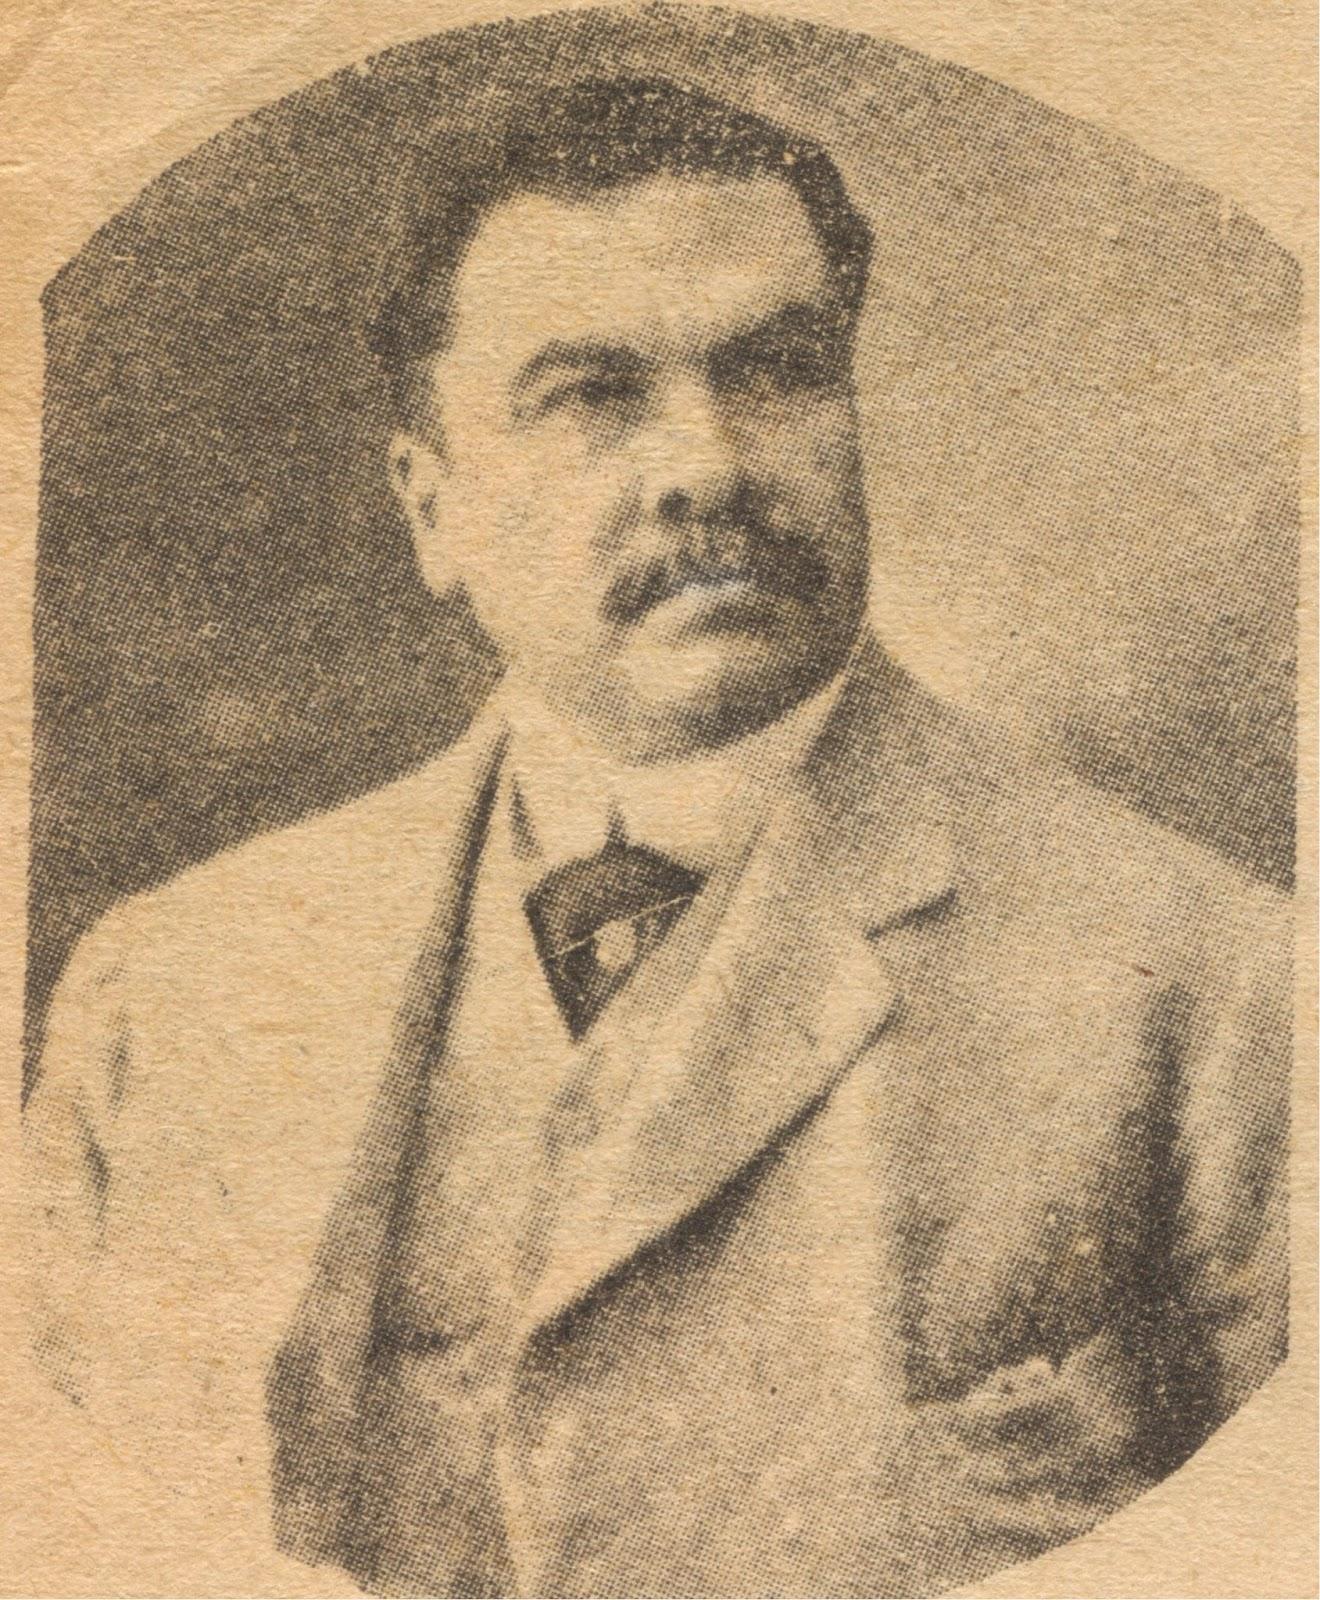 Rubén Darío relata un pedazo de historia de Nicaragua    Por Rubén Darío   Diario La Nación, Buenos Aires, 28 de septiembre de 1912